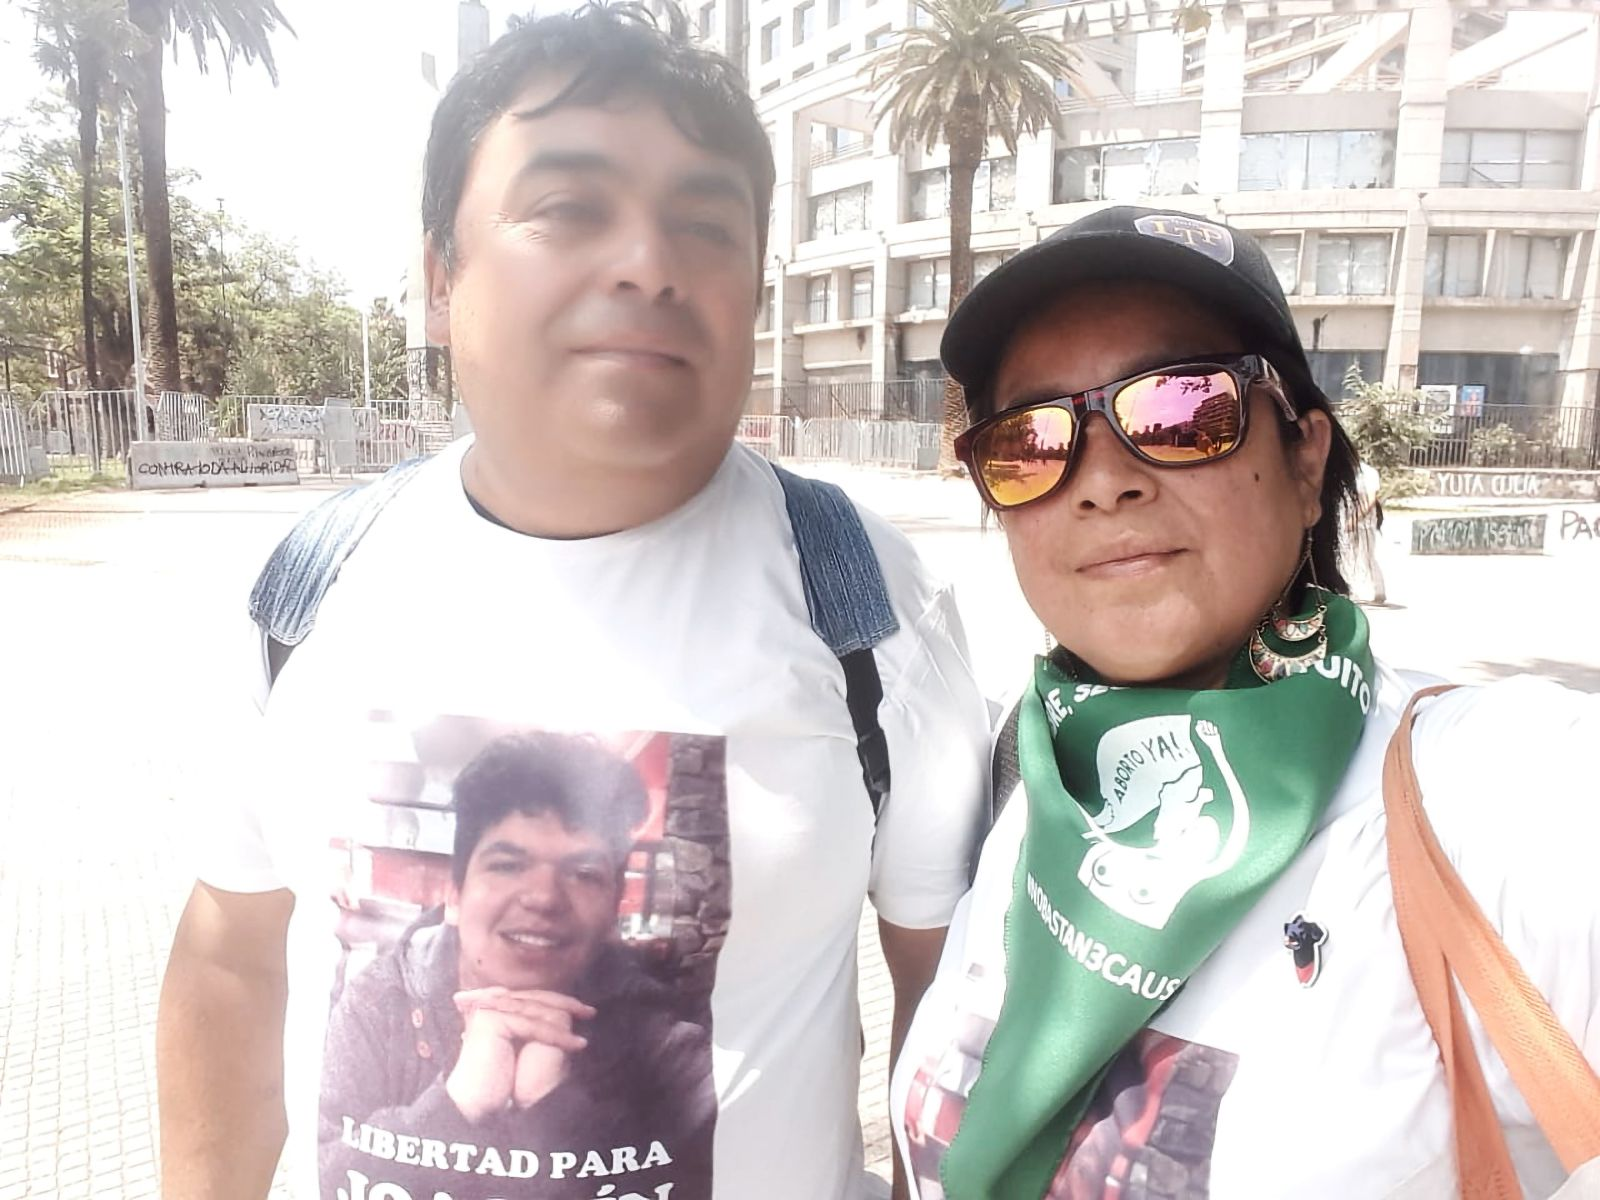 Kinder und Jugendliche wegen Protesten in Chile im Gefängnis